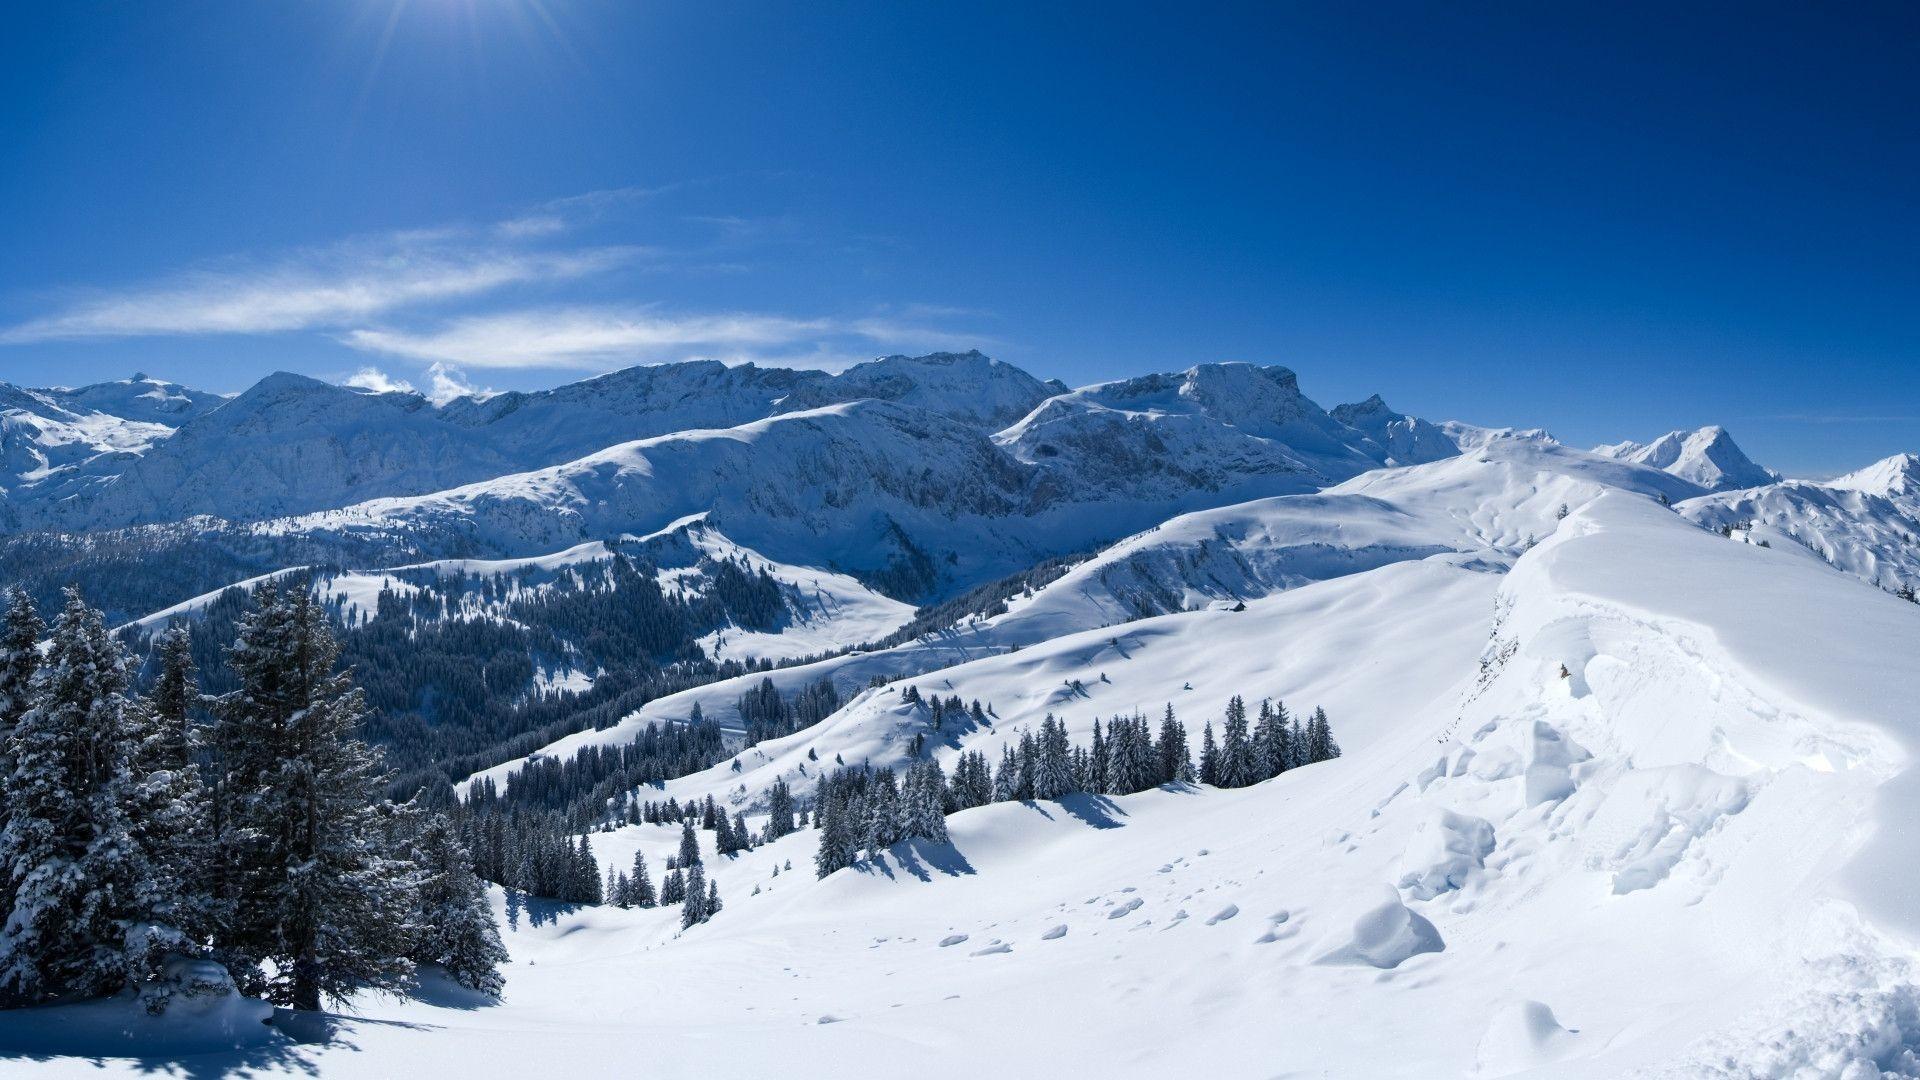 K Ultra HD Snow Wallpapers HD, Desktop Backgrounds Pictures Of Snow  Wallpapers Wallpapers)